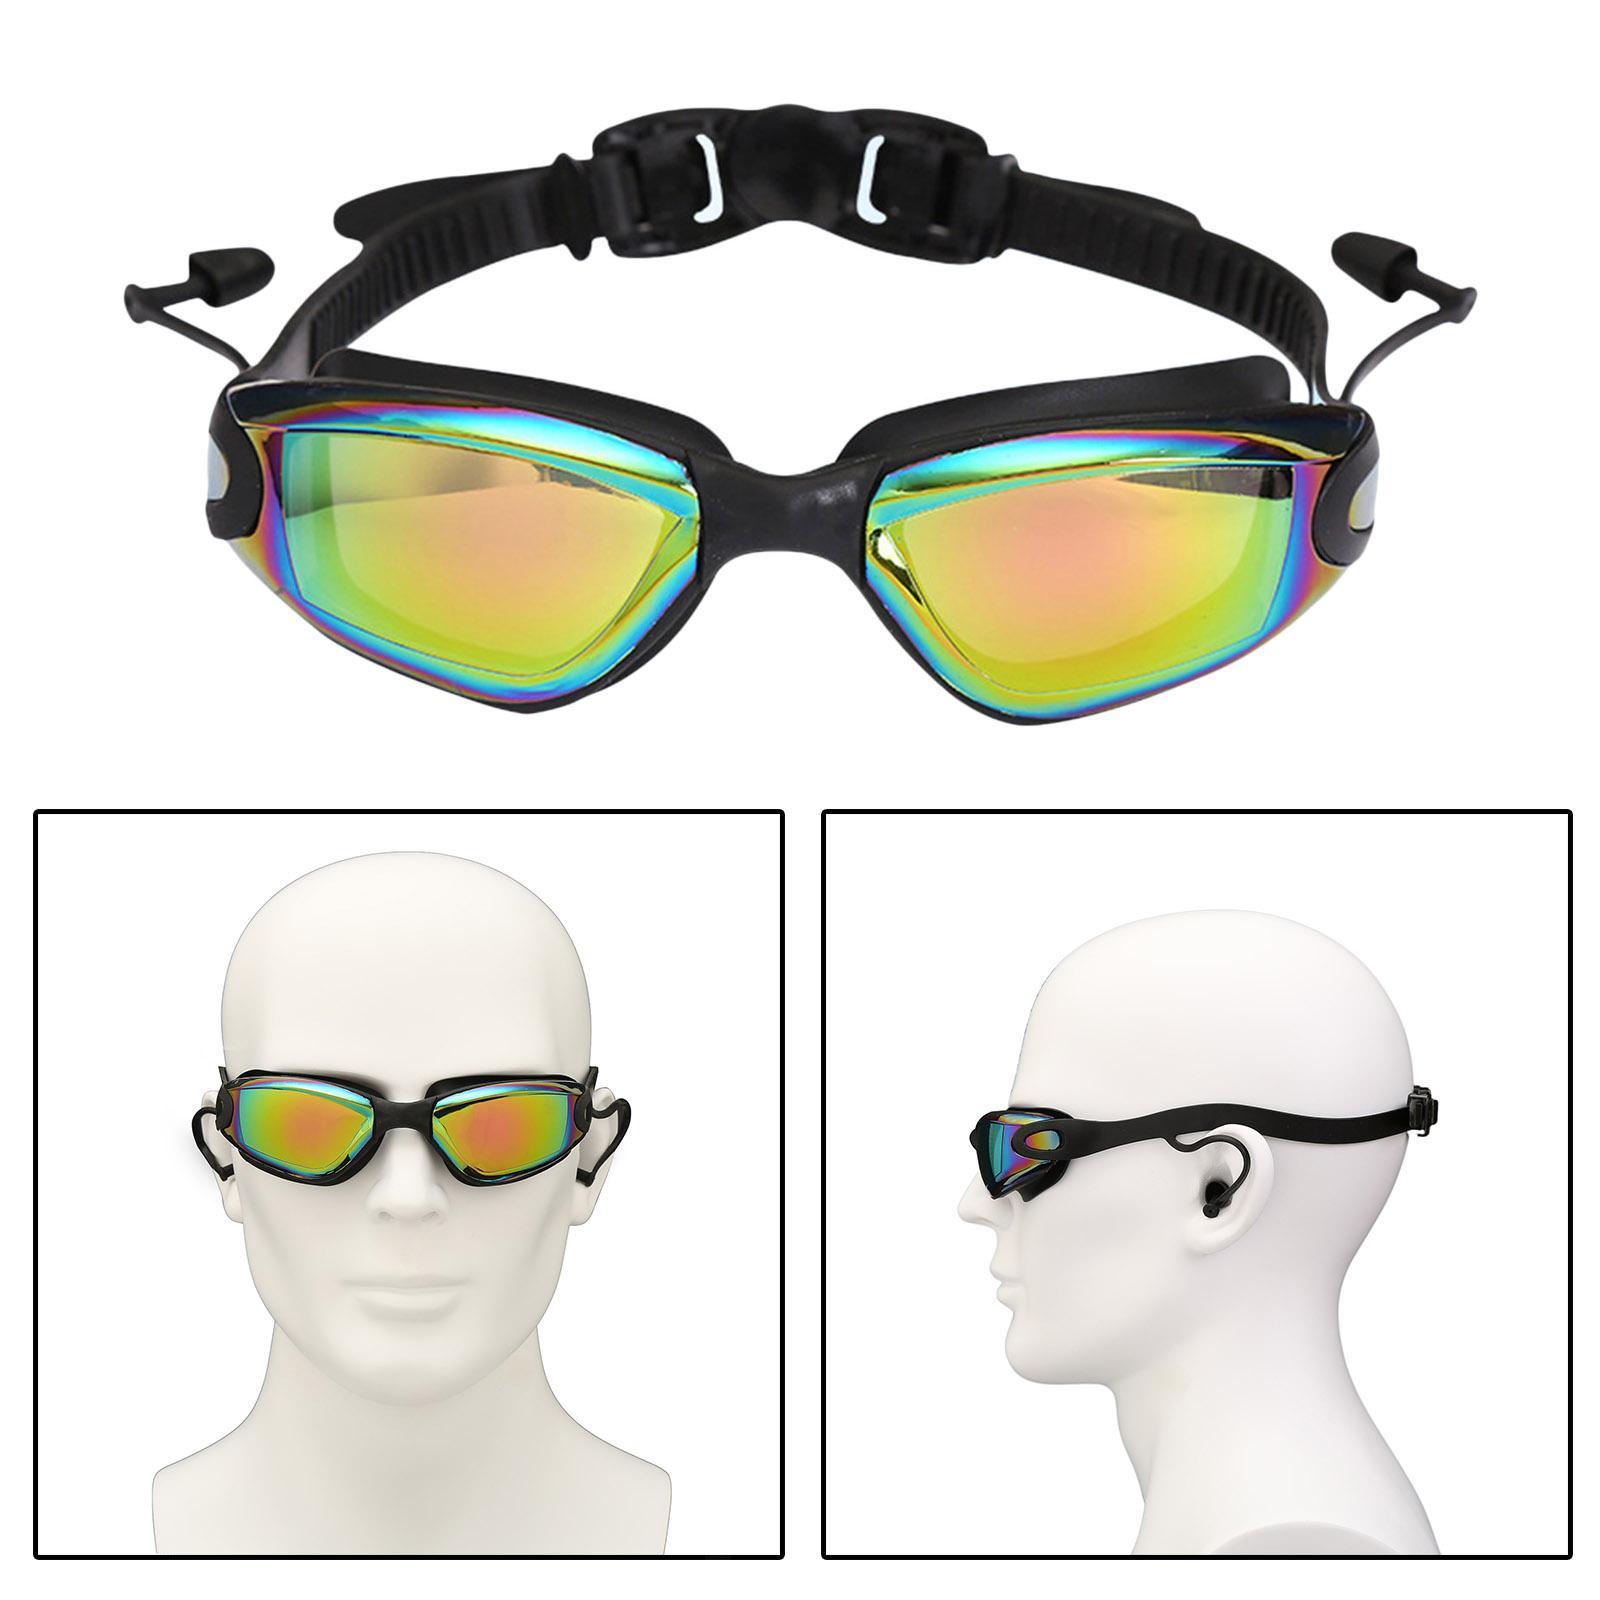 miniatura 5 - Occhialini da nuoto, protezione UV Occhialini da nuoto anti-appannamento Unisex